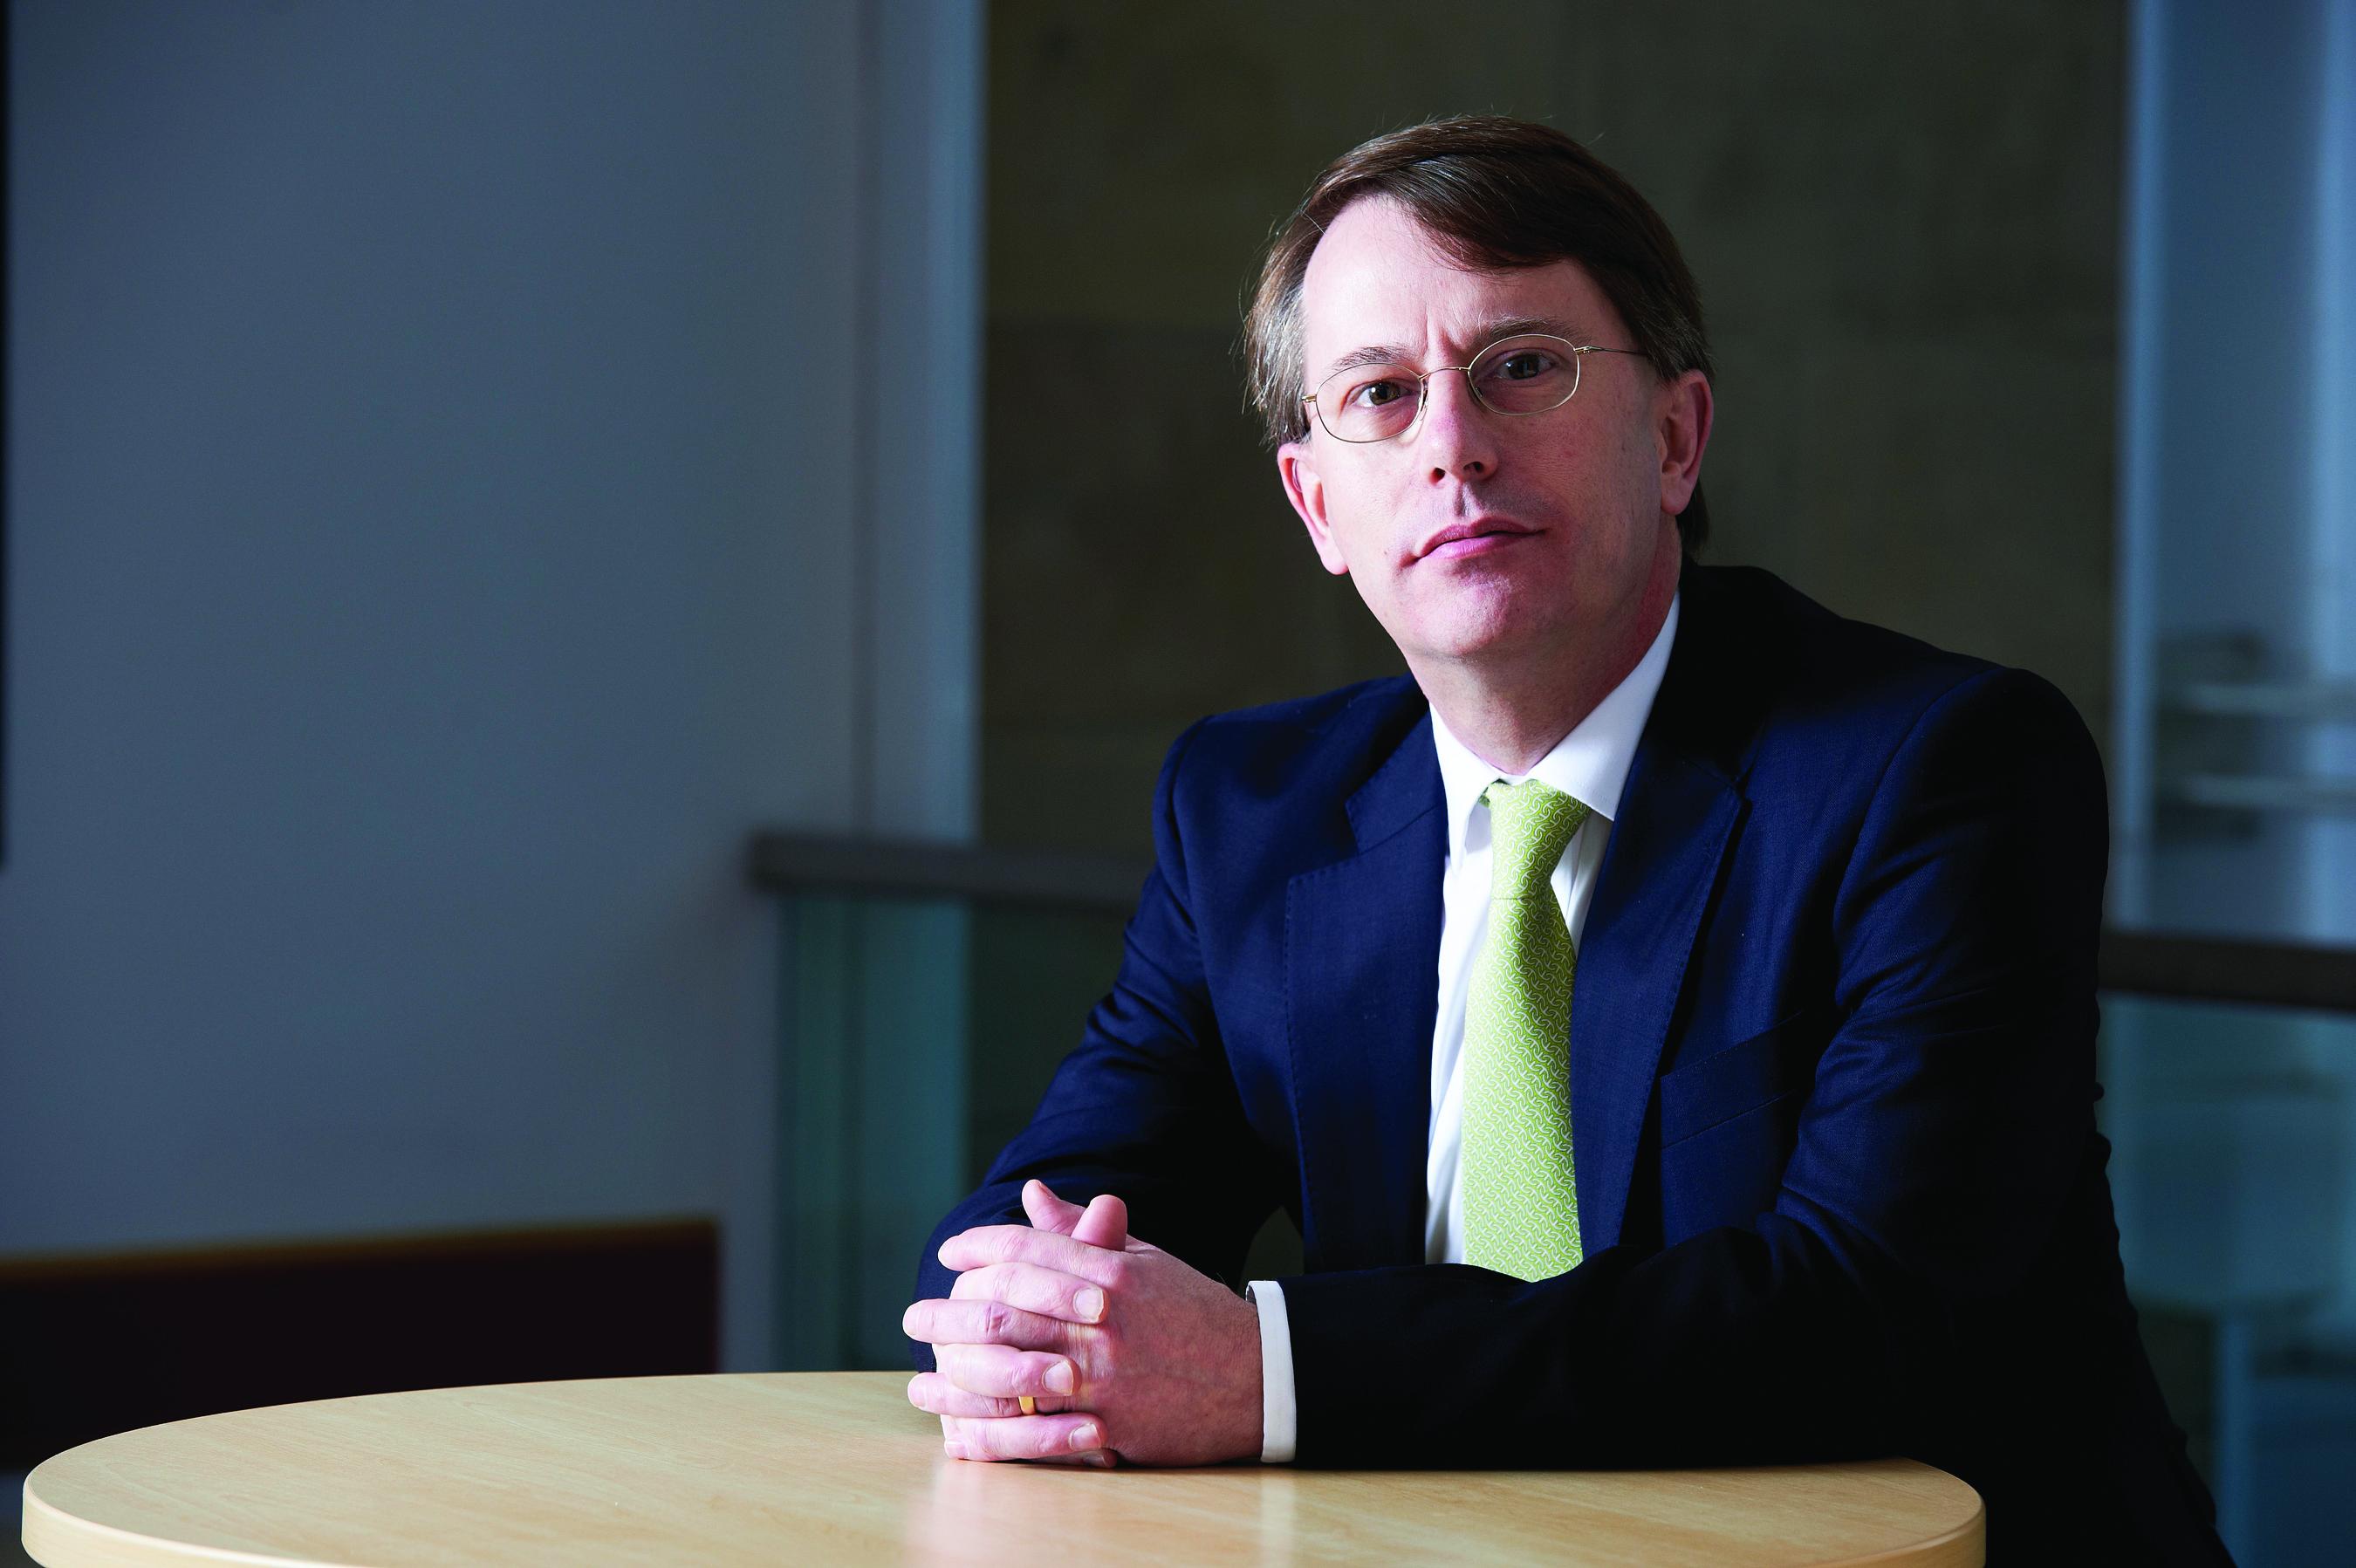 Paul Baumann, NHS England